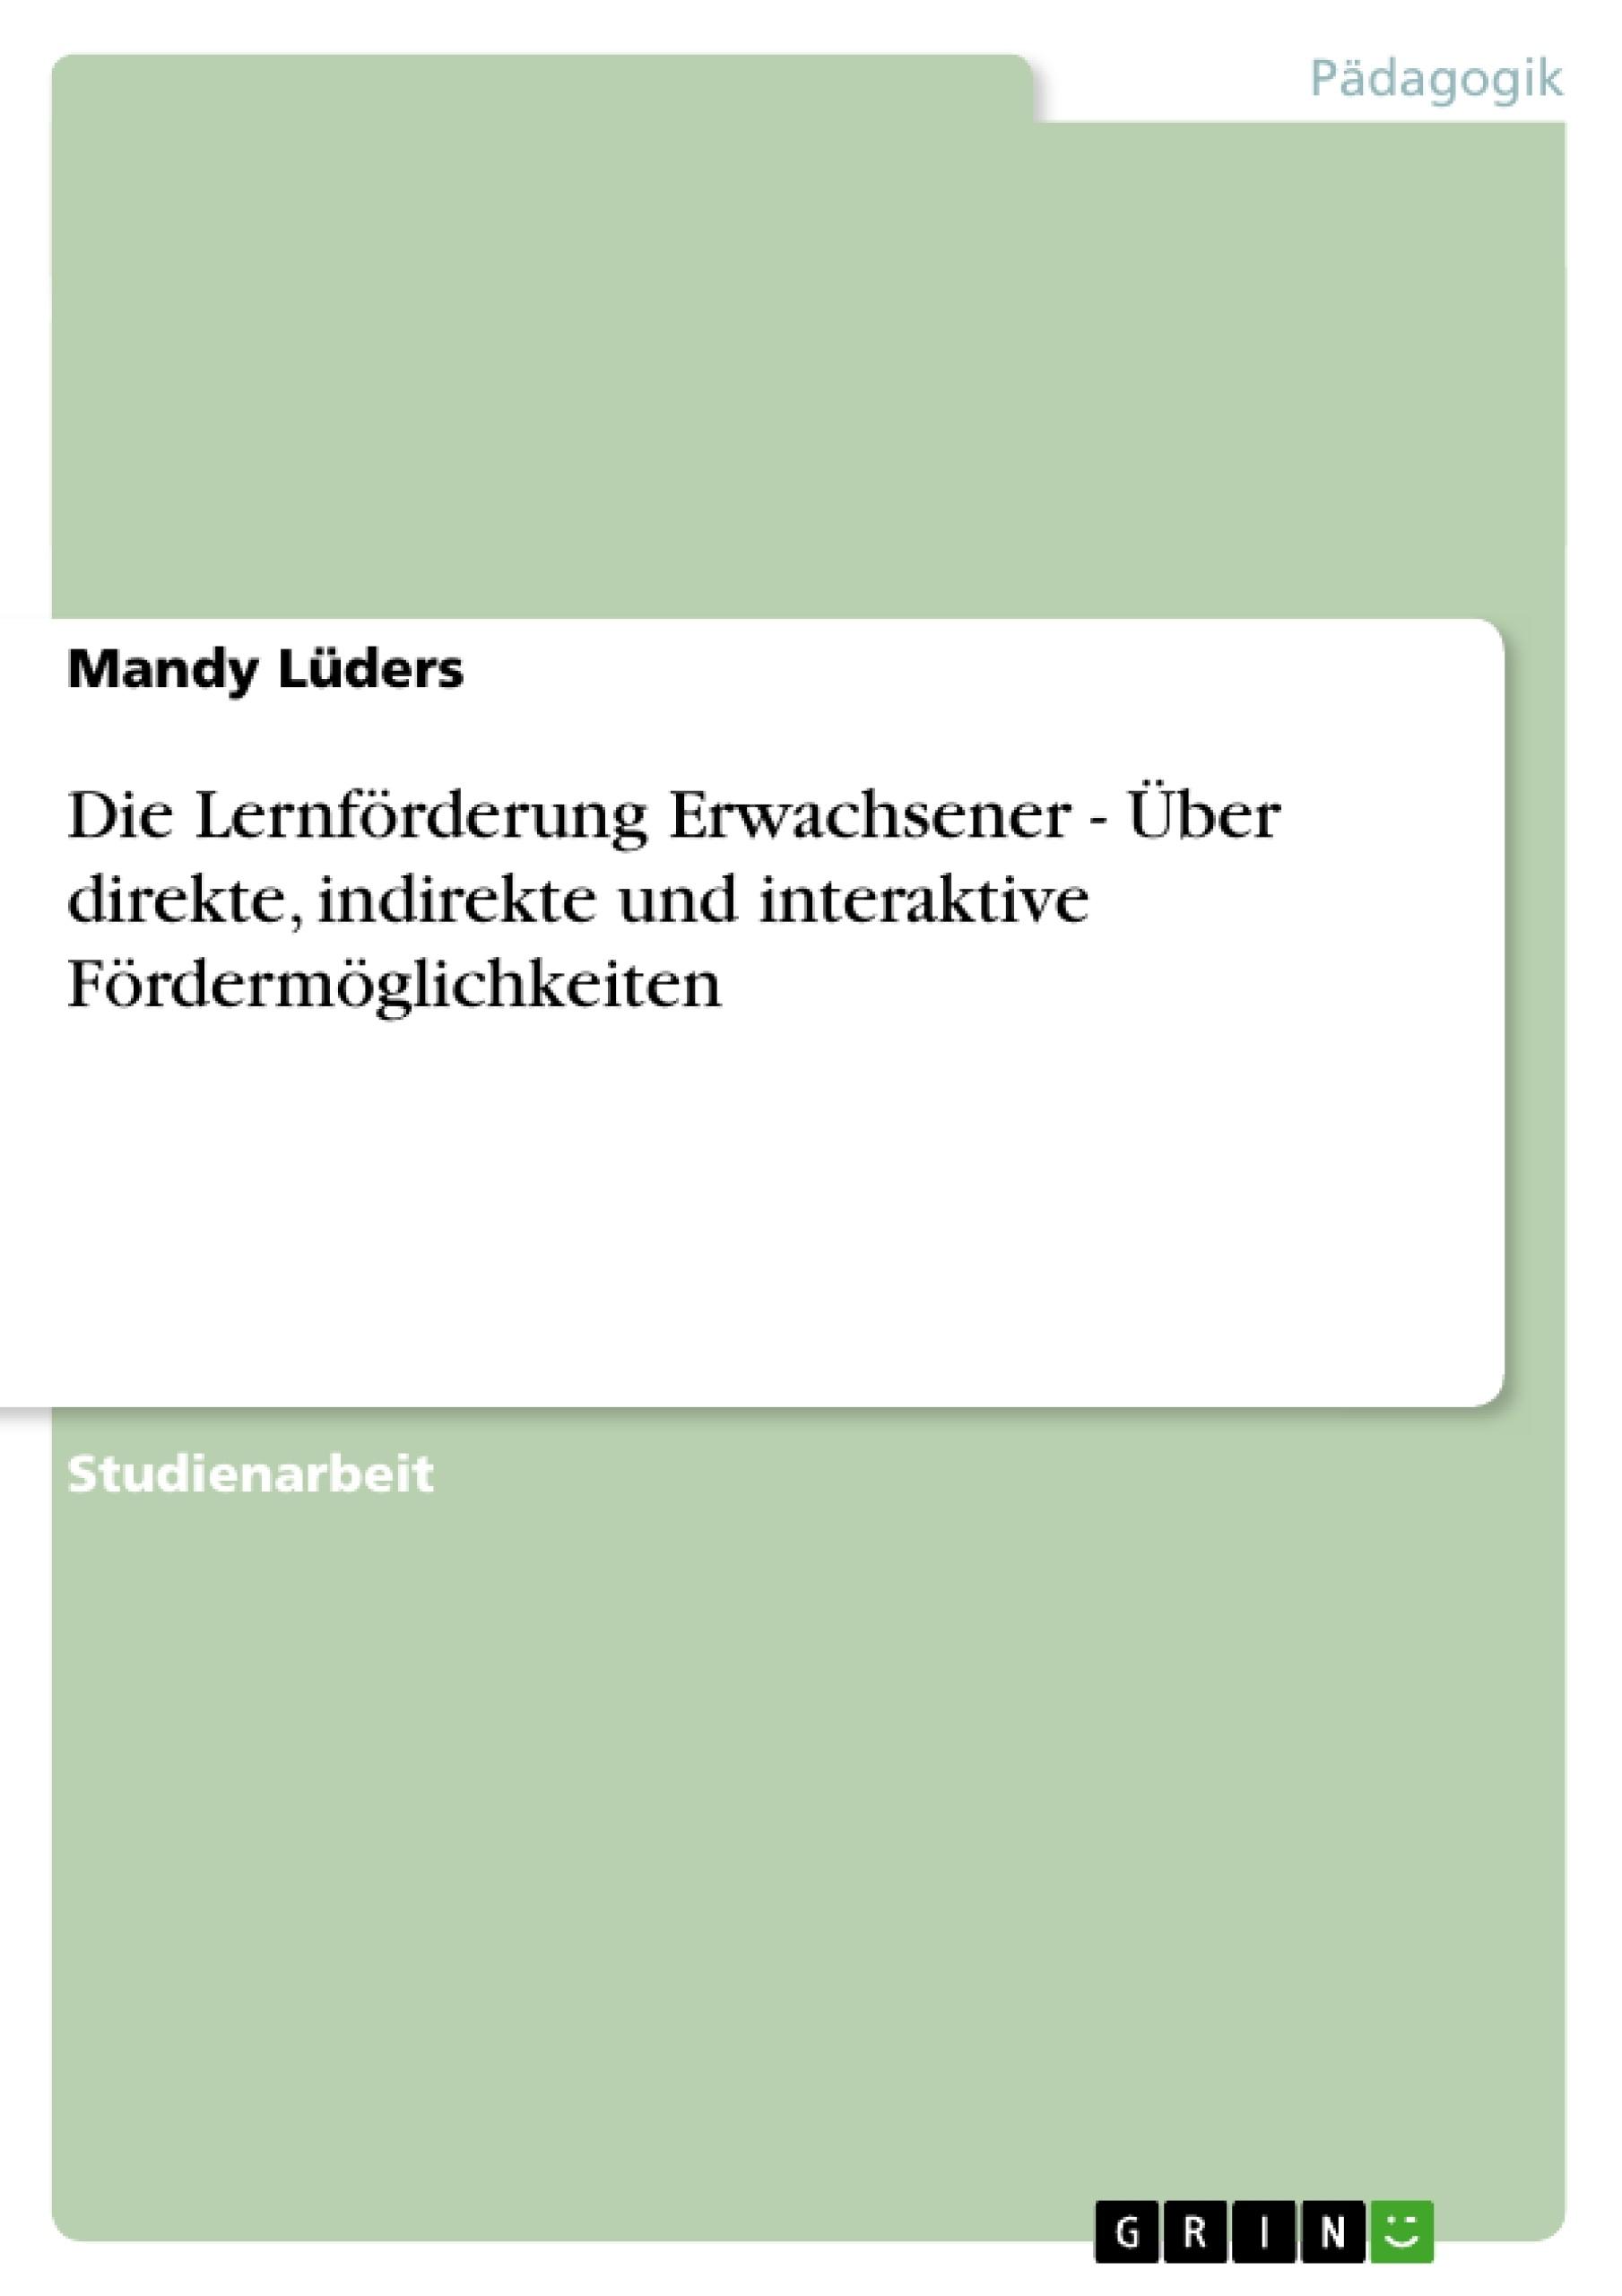 Titel: Die Lernförderung Erwachsener - Über direkte, indirekte und interaktive Fördermöglichkeiten